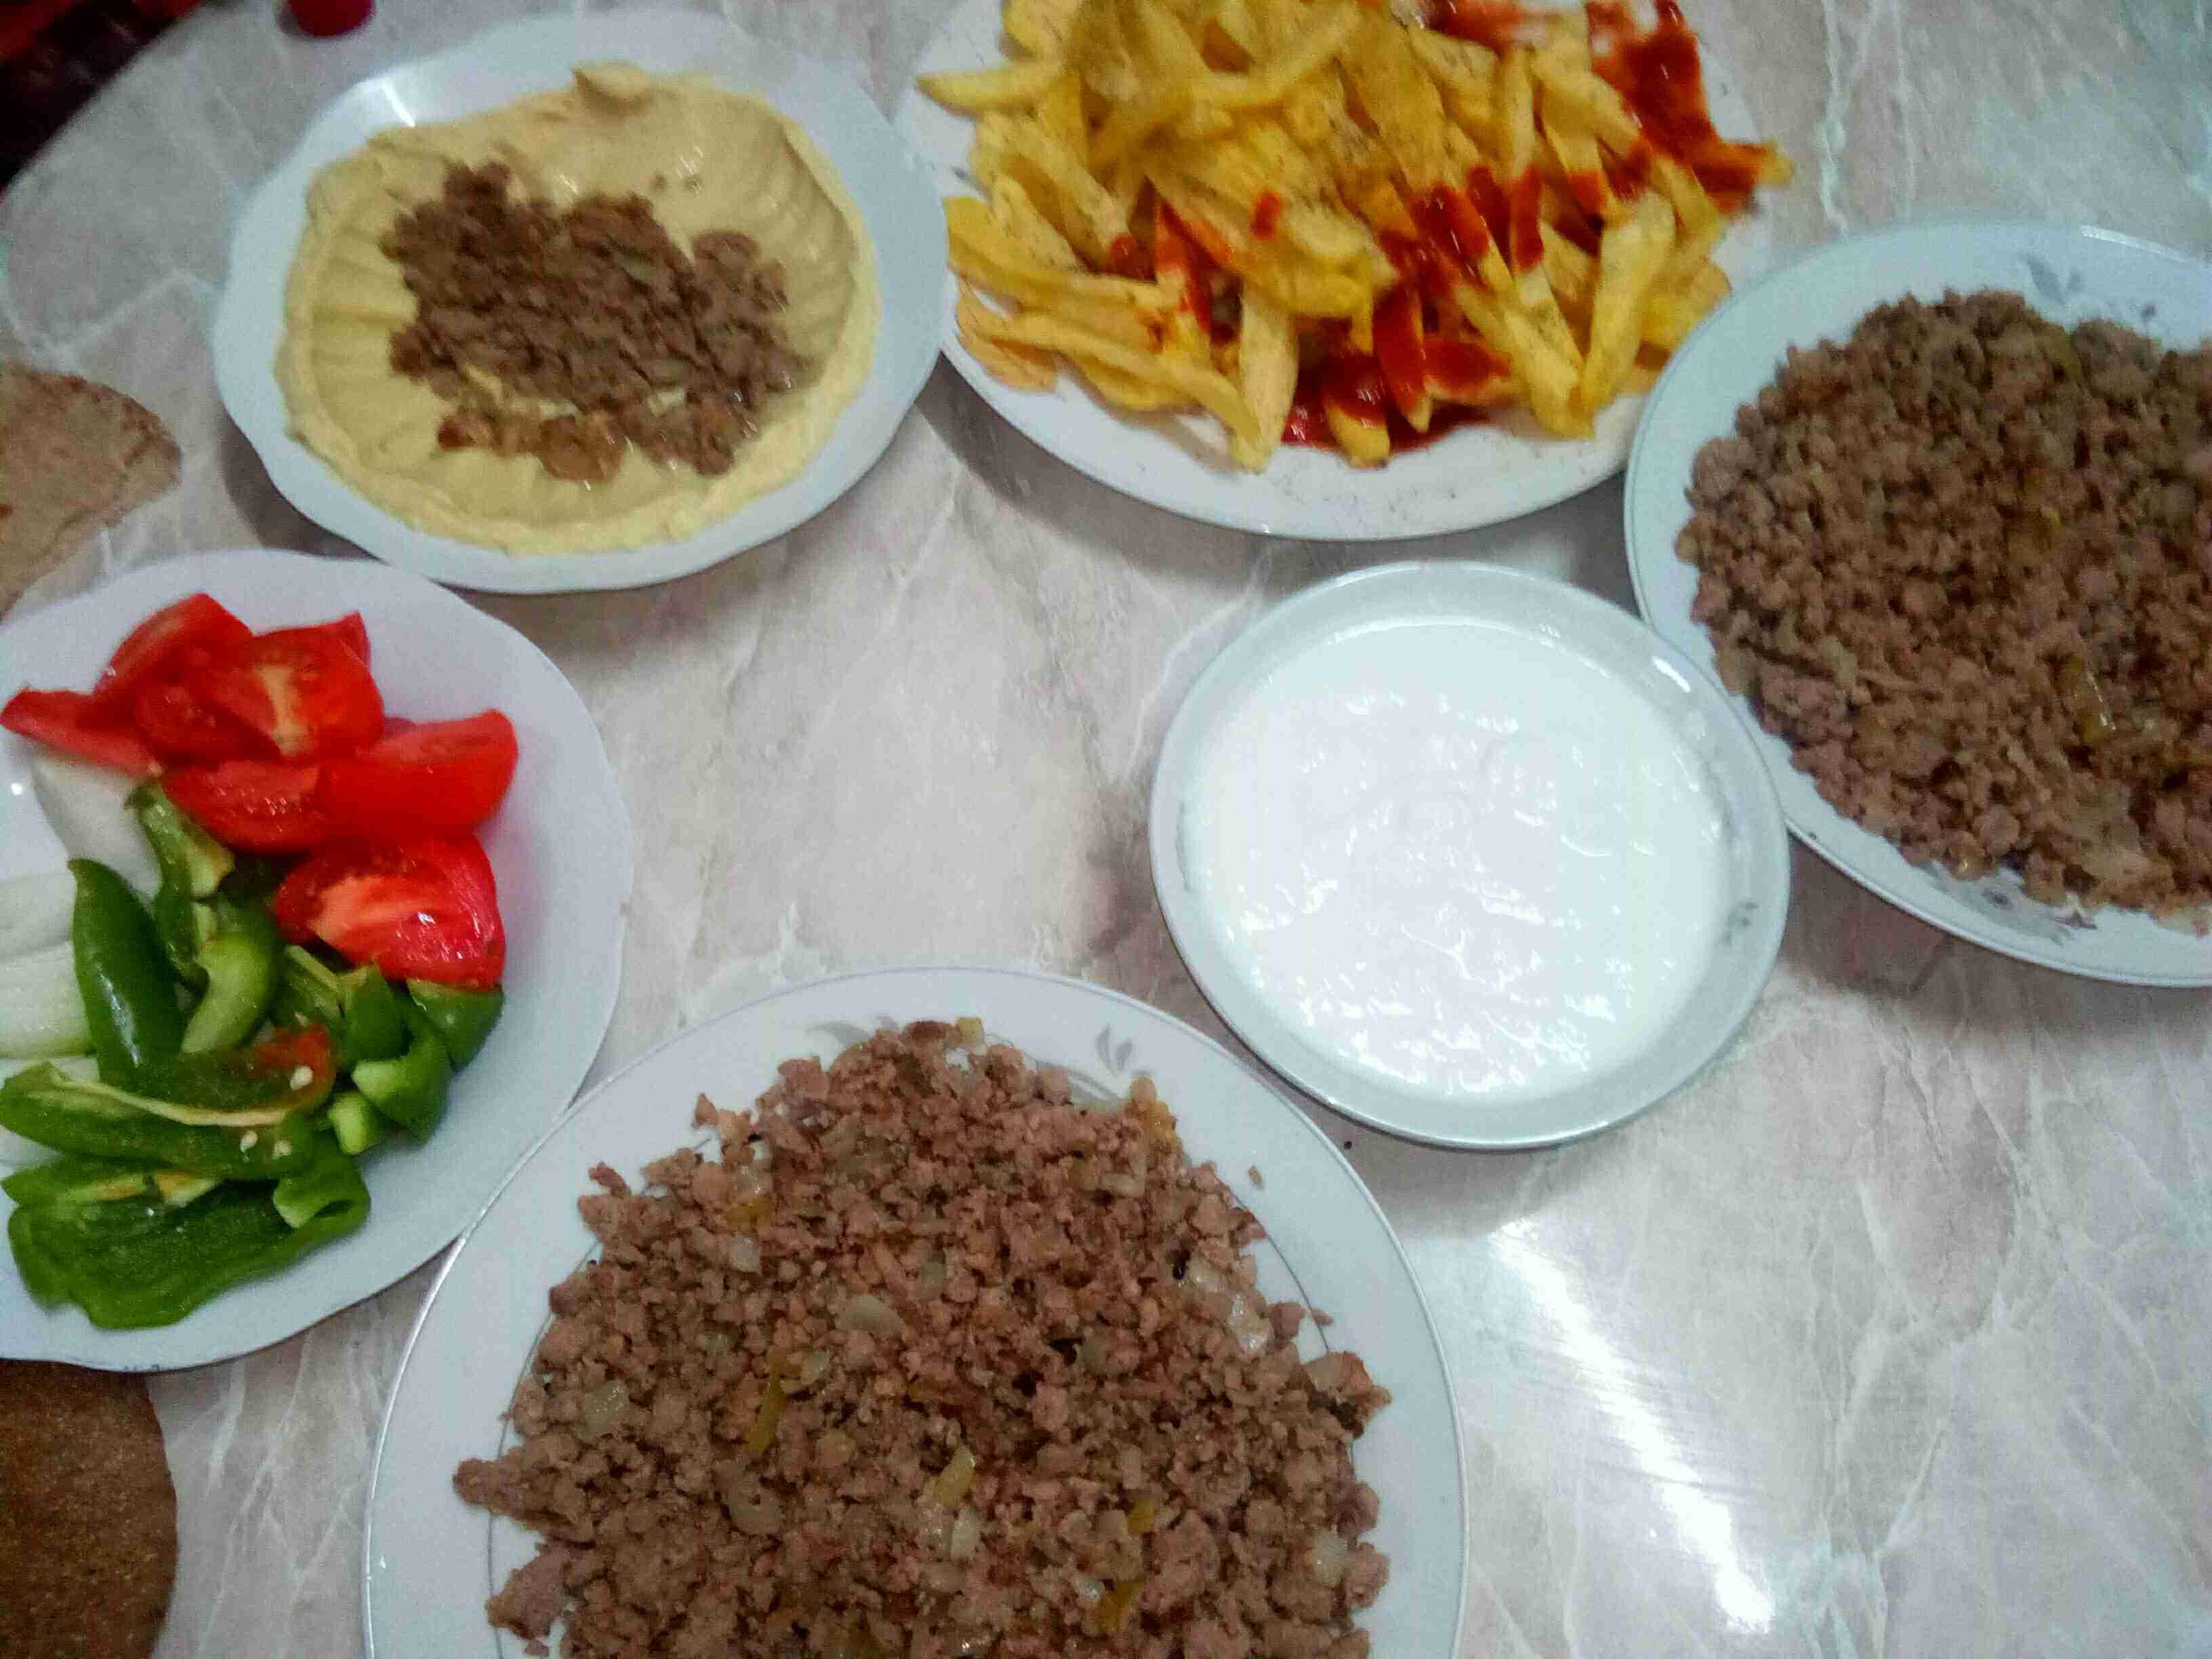 لحمة مفرومة بالبصل سلسلة طبخاتنا الشعبية 4 ملكة الأكلات الأردنية